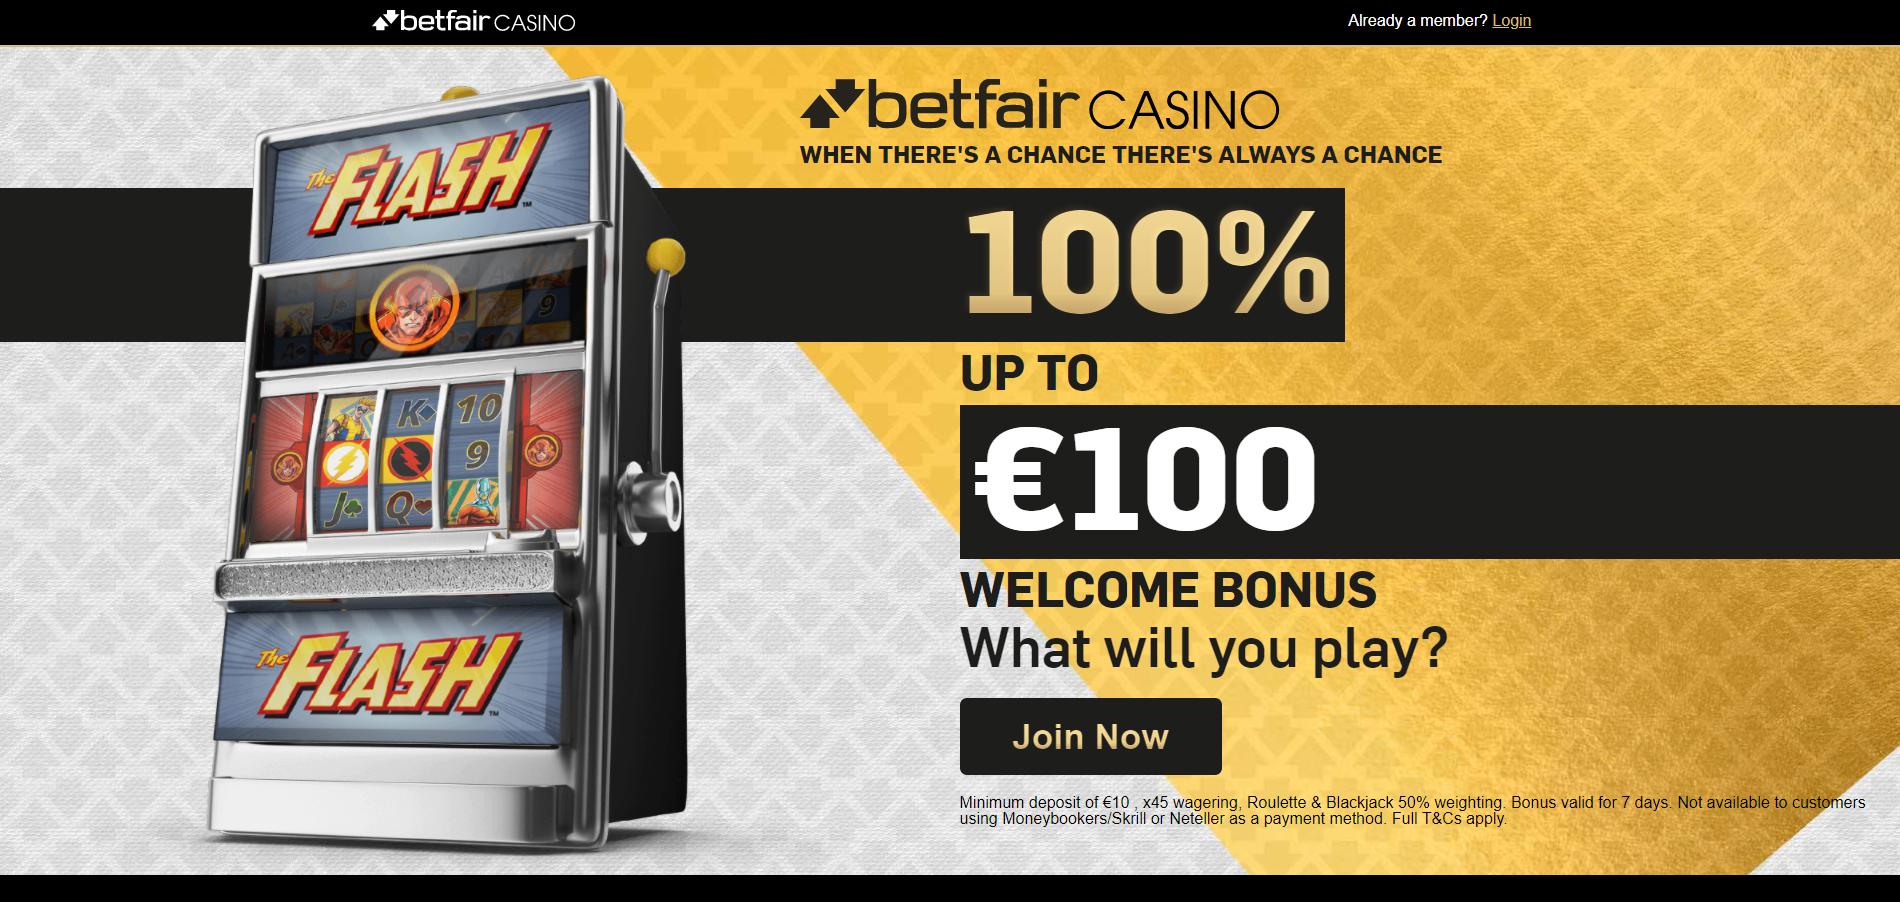 betfair casino bonus code betfair promo code free spins 100% premija iki 100€ flash lošimo automatas